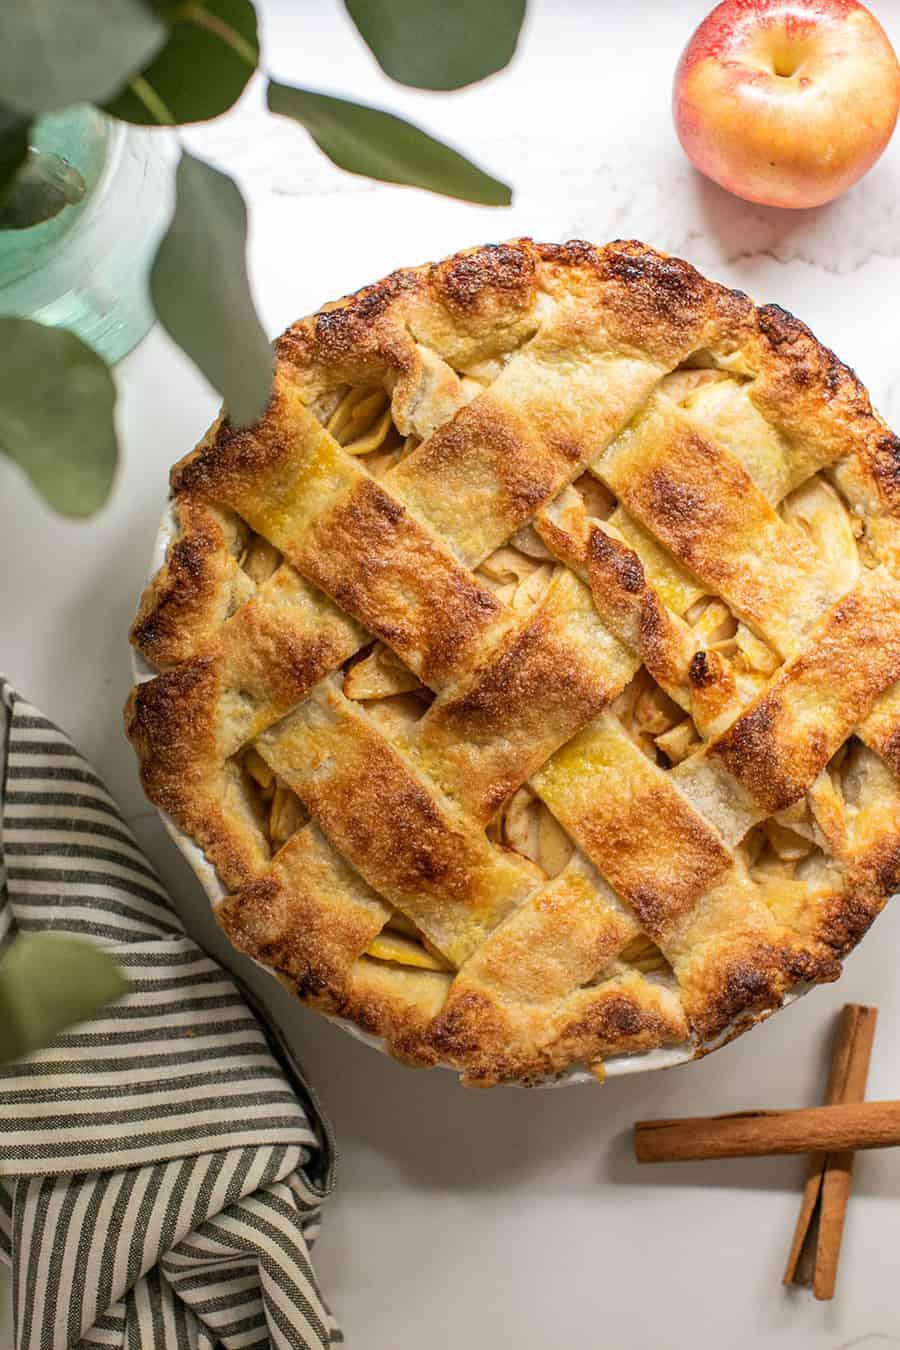 Golden brown apple pie